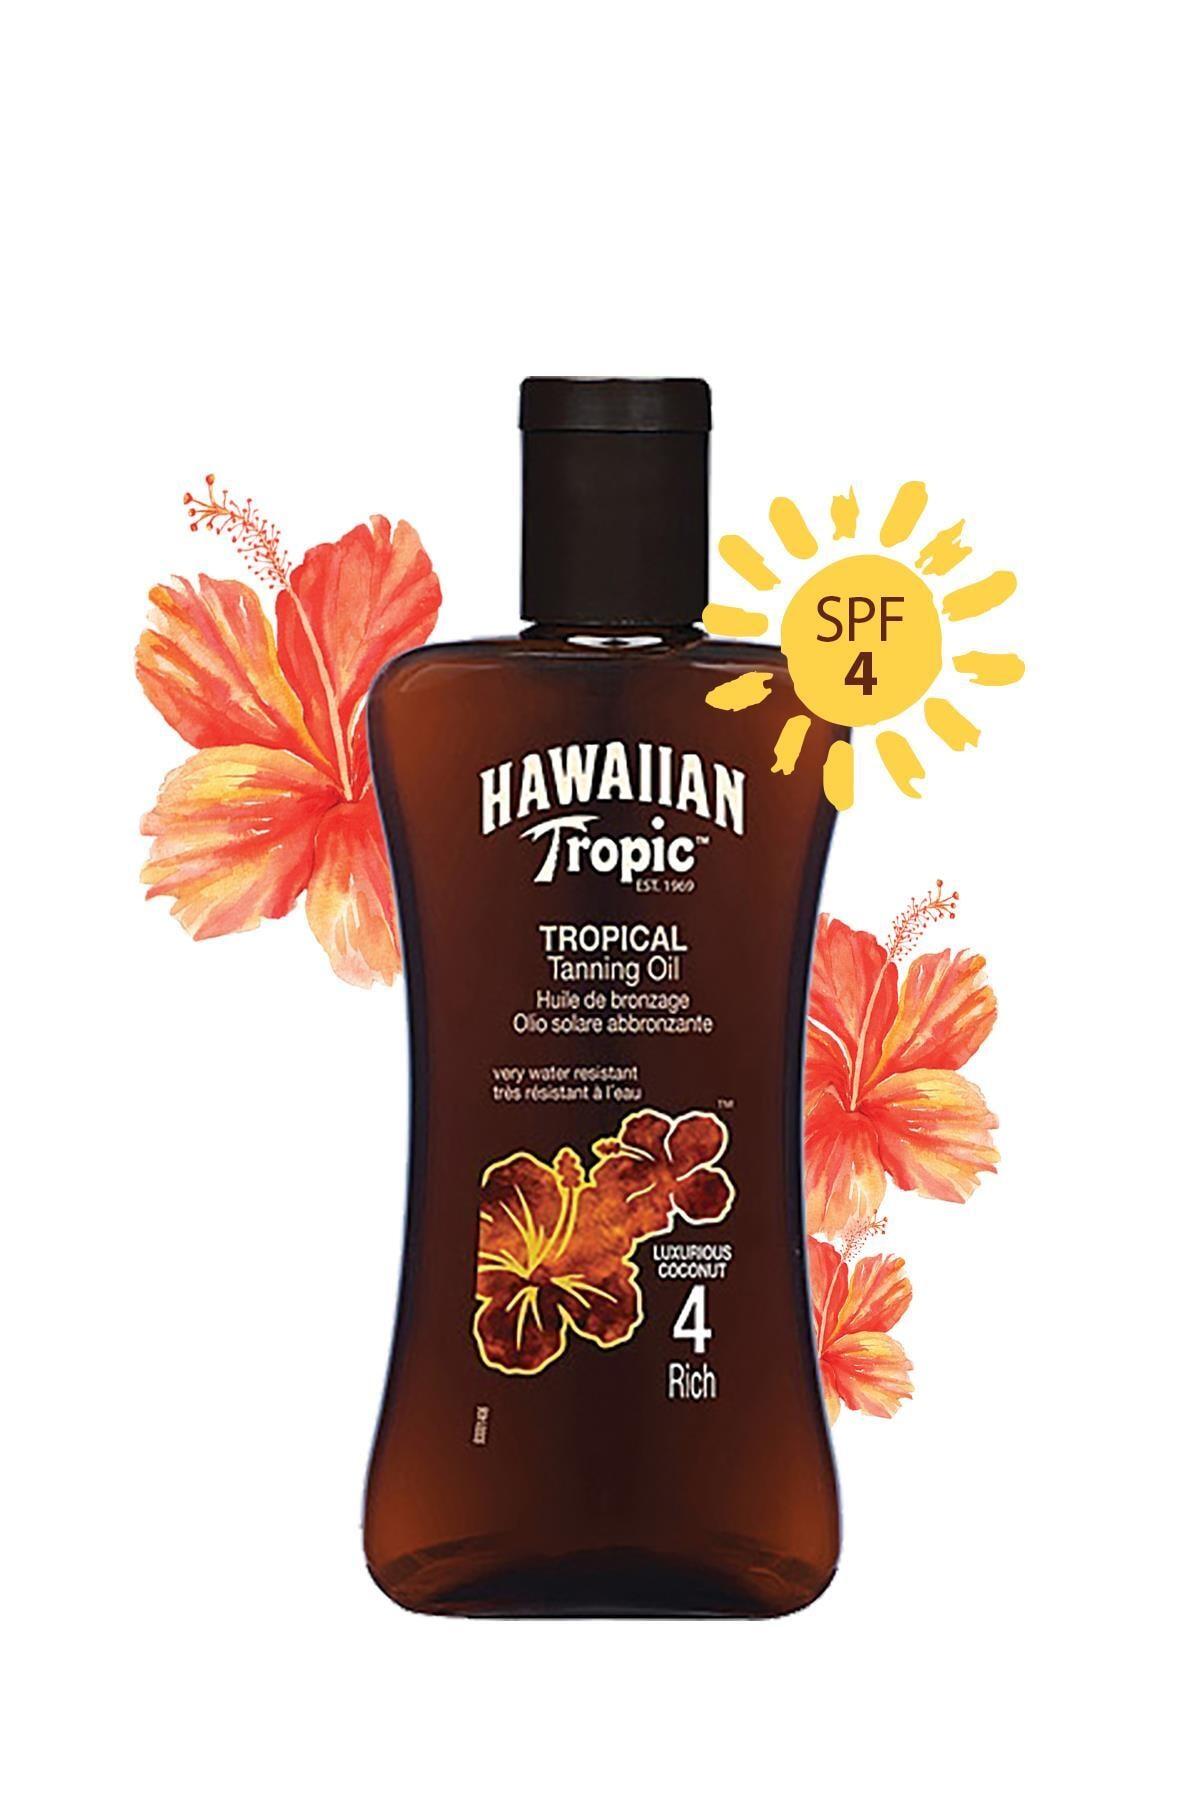 Hawaiian Tropic Hindistan Cevizi, Egzotik Tropikal Çiçekler İçeren Koruyucu Ve Bronzlaştırıcı Yağ Spf 4 2